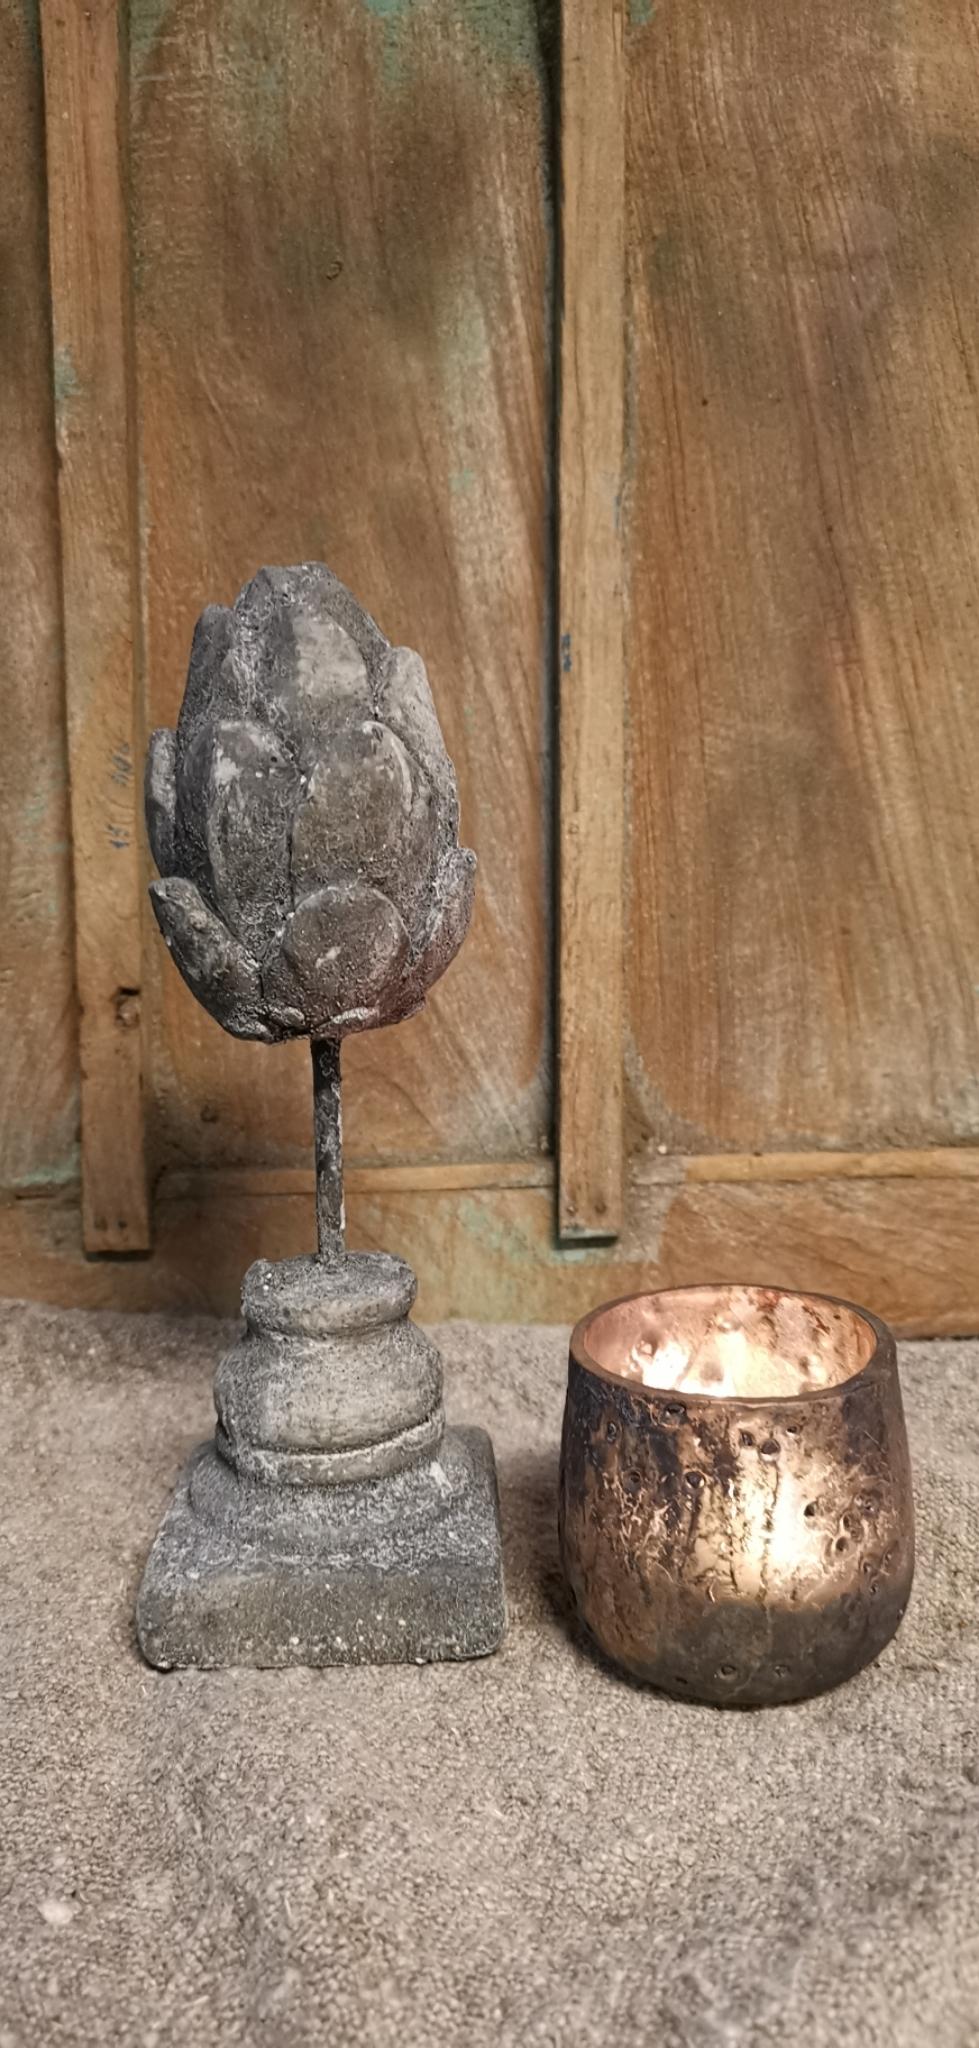 Ornament bloem 01734